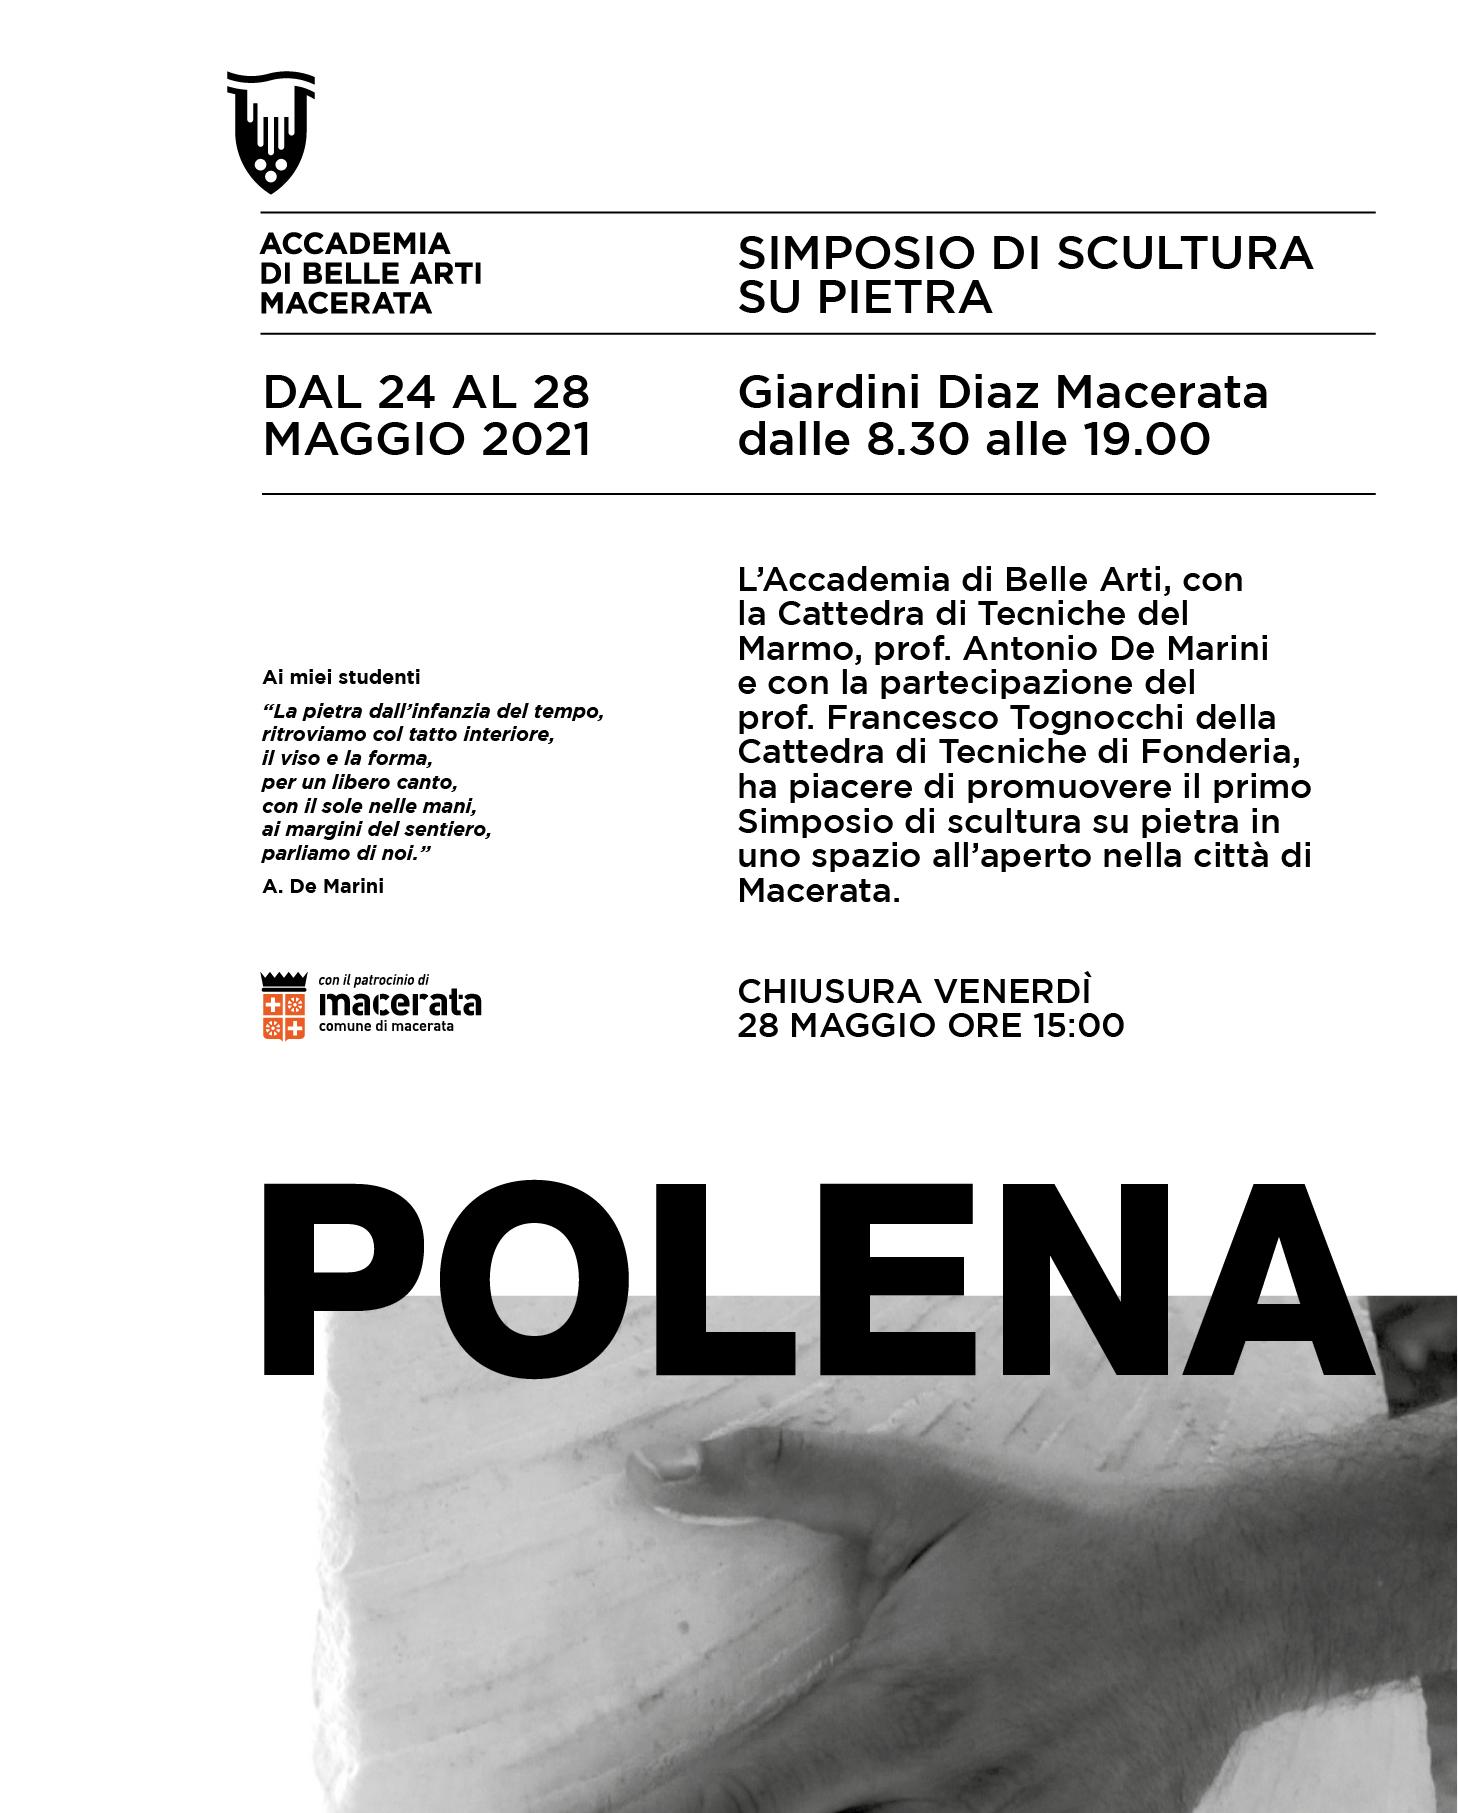 """SIMPOSIO DI SCULTURA SU PIETRA  """"POLENA"""""""